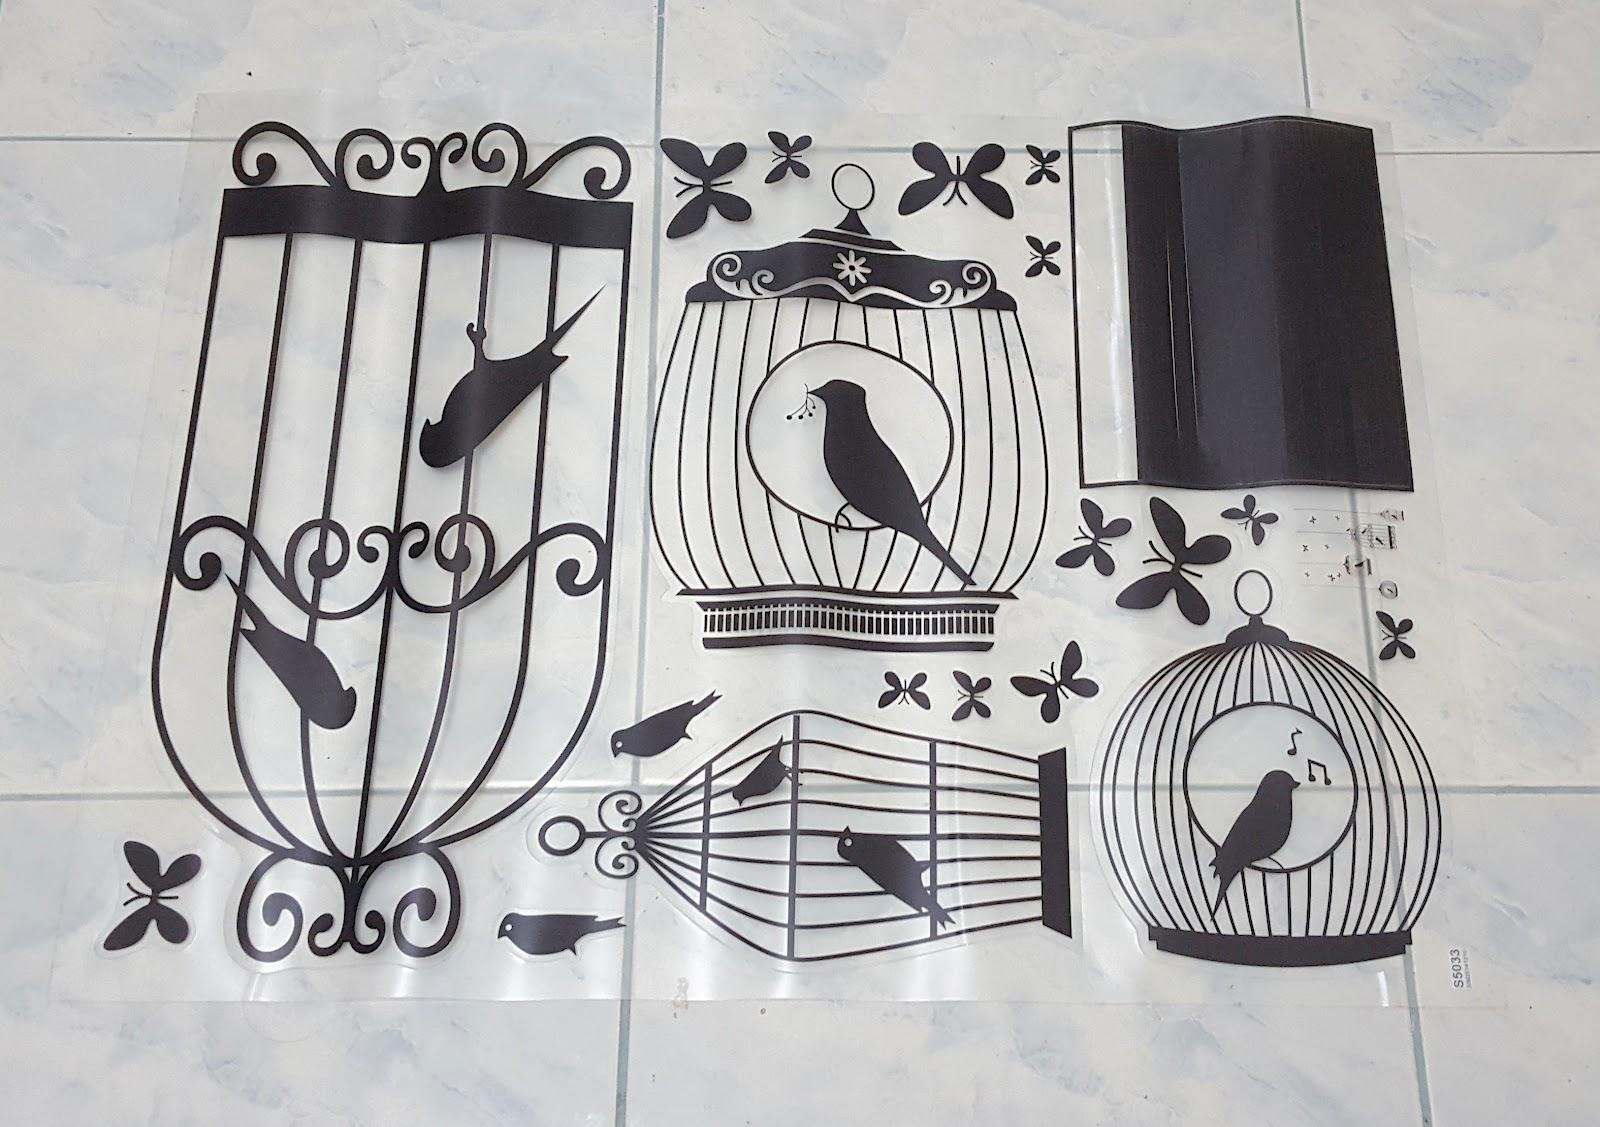 Wall Decals Divisoria Custom Vinyl Decals - Wall decals divisoria